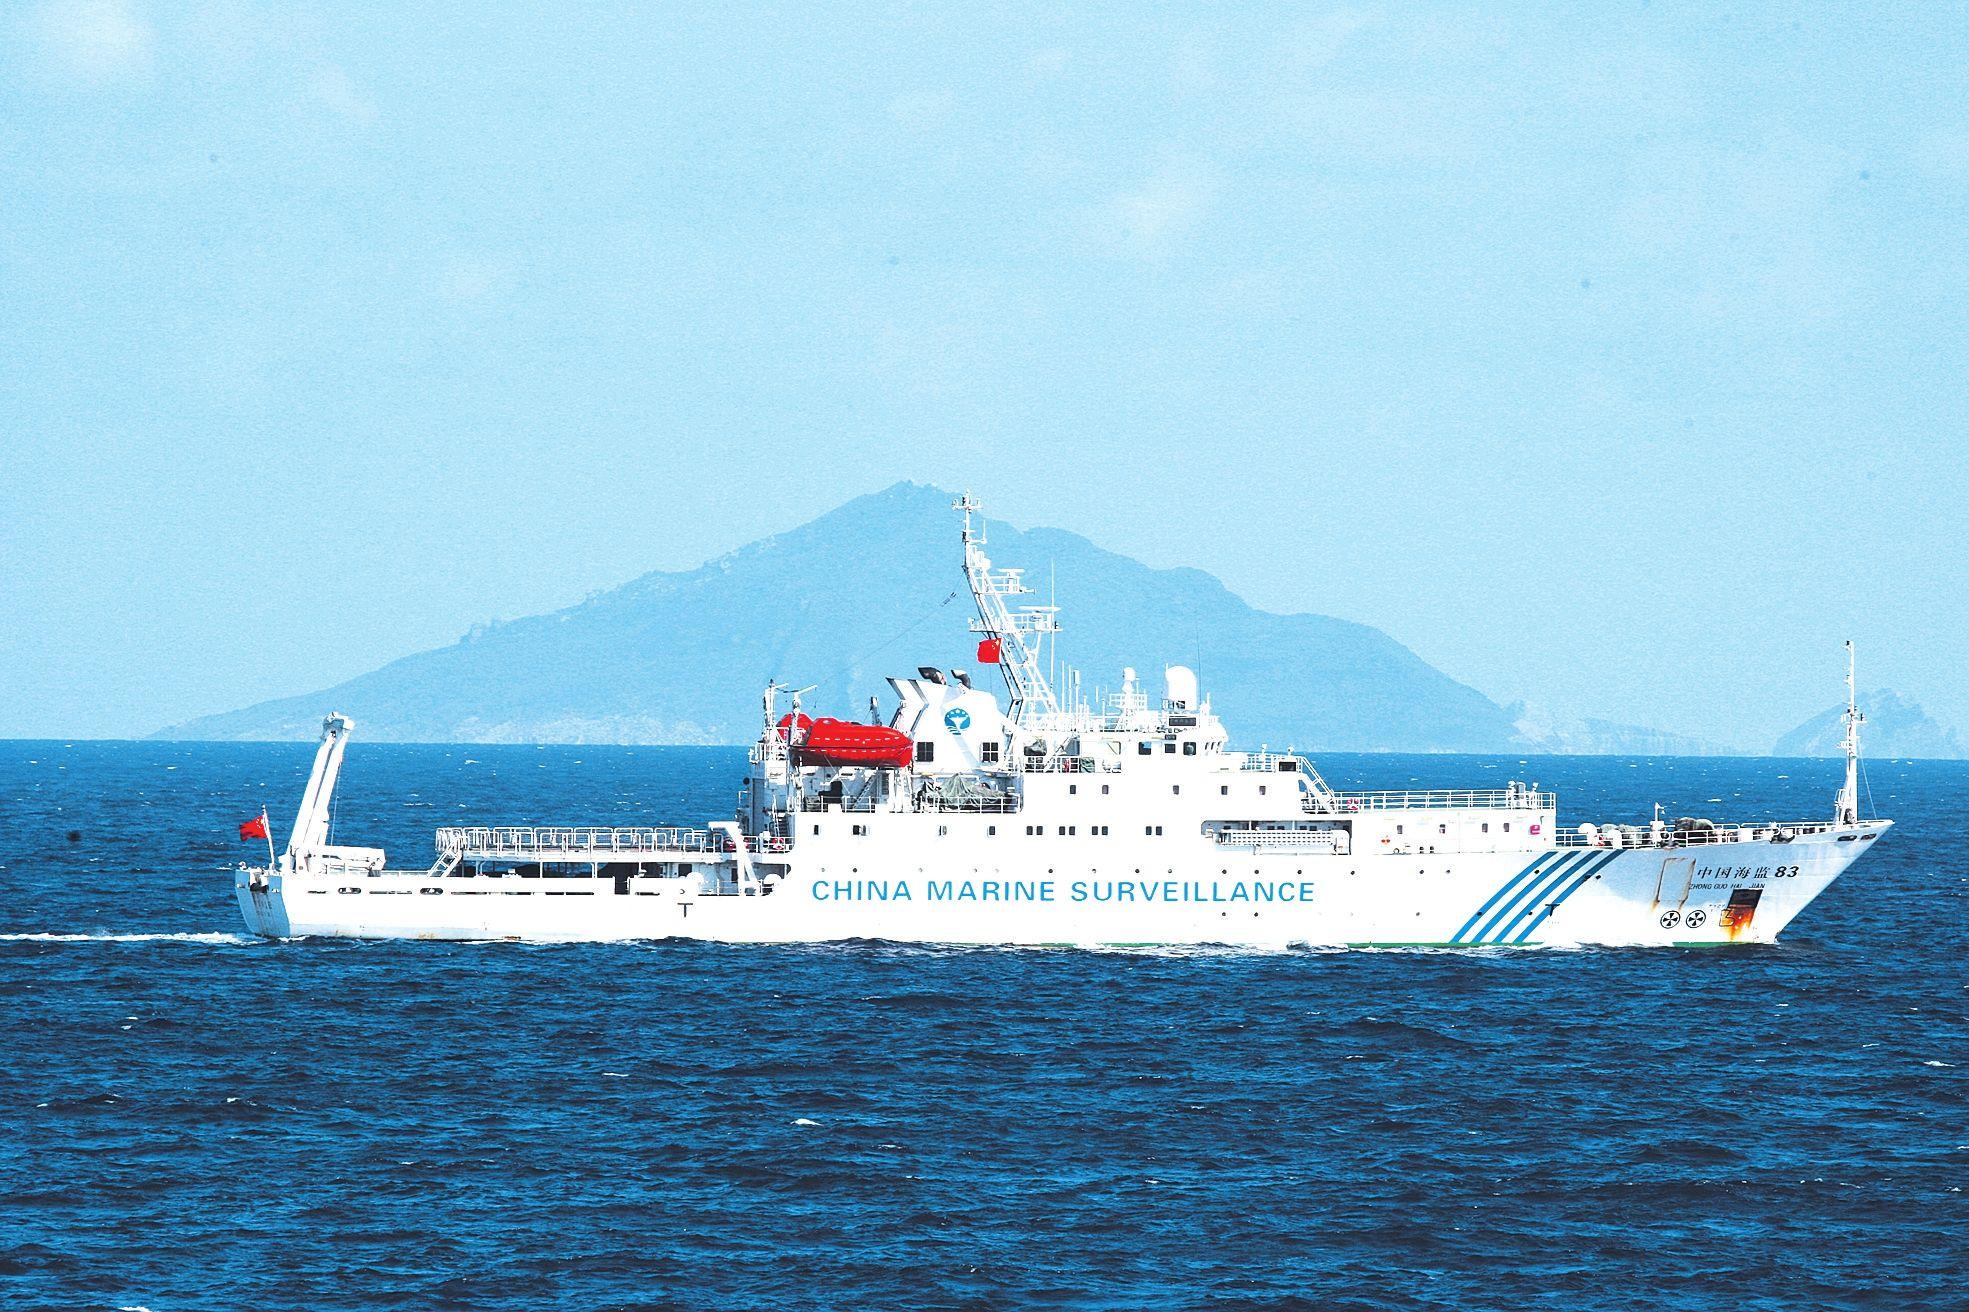 执行巡逻任务的中国海警船